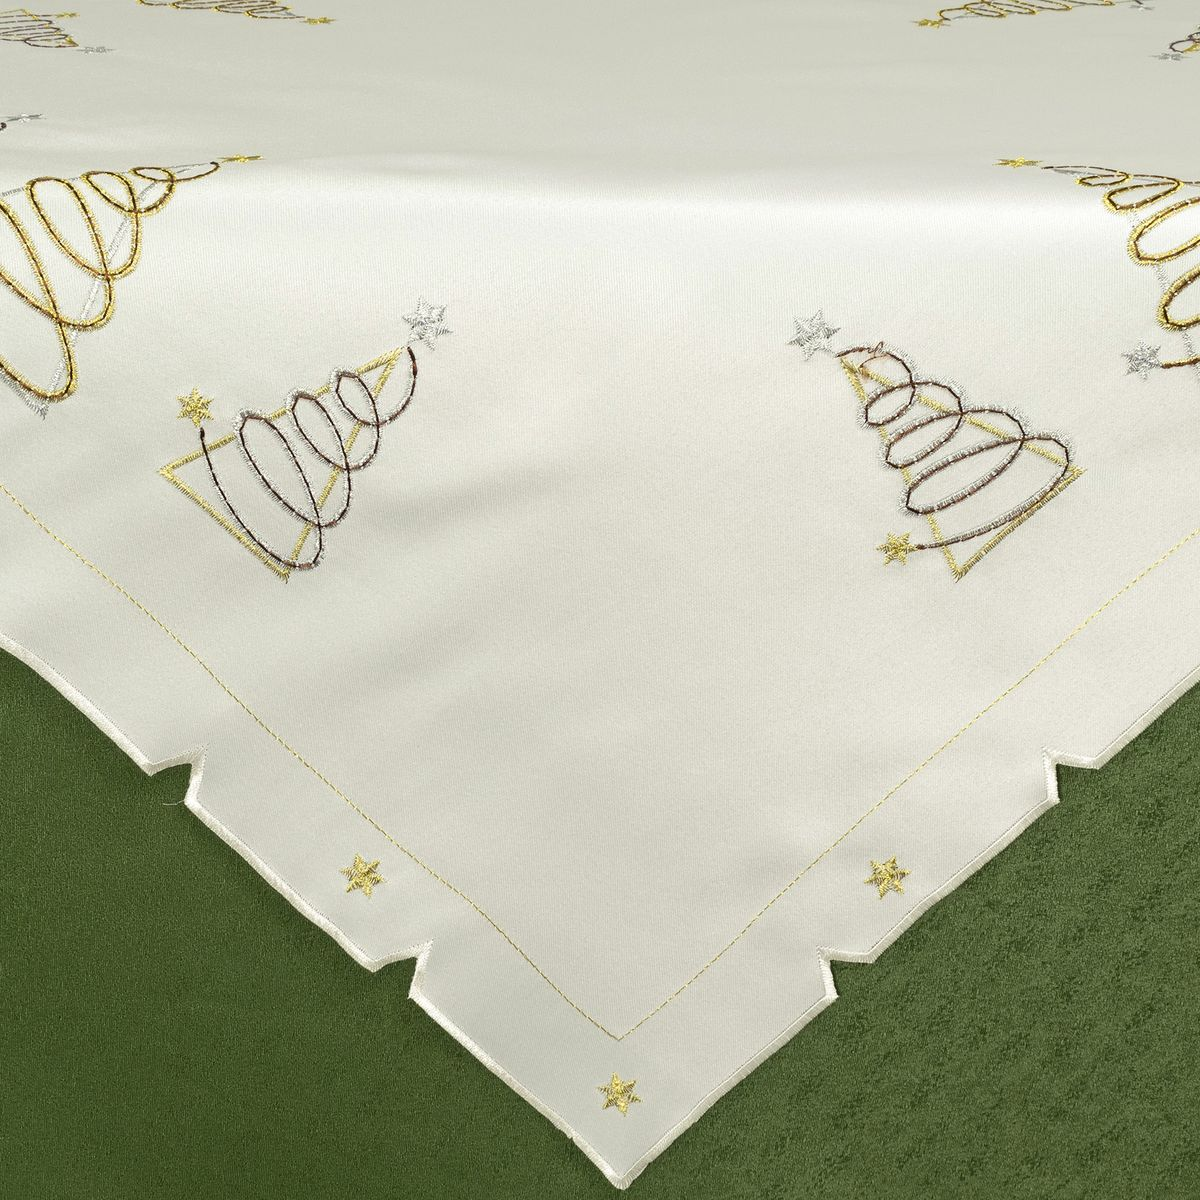 Скатерть Schaefer, квадратная, цвет: белый, 85 х 85 см. 07434-116-V2-B1501000792Стильная скатерть Schaefer, выполненная из полиэстера белого цвета, украшена вышивкой. Вышивка дает эффект объема за счет направления стежков при вышивании.Изделия из полиэстера легко стирать: они не мнутся, не садятся и быстро сохнут, они более долговечны, чем изделия из натуральных волокон.Немецкая компания Schaefer создана в 1921 году. На протяжении всего времени существования она создает уникальные коллекции домашнего текстиля для гостиных, спален, кухонь и ванных комнат. Дизайнерские идеи немецких художников компании Schaefer воплощаются в текстильных изделиях, которые сделают ваш дом красивее и уютнее и не останутся незамеченными вашими гостями. Дарите себе и близким красоту каждый день!